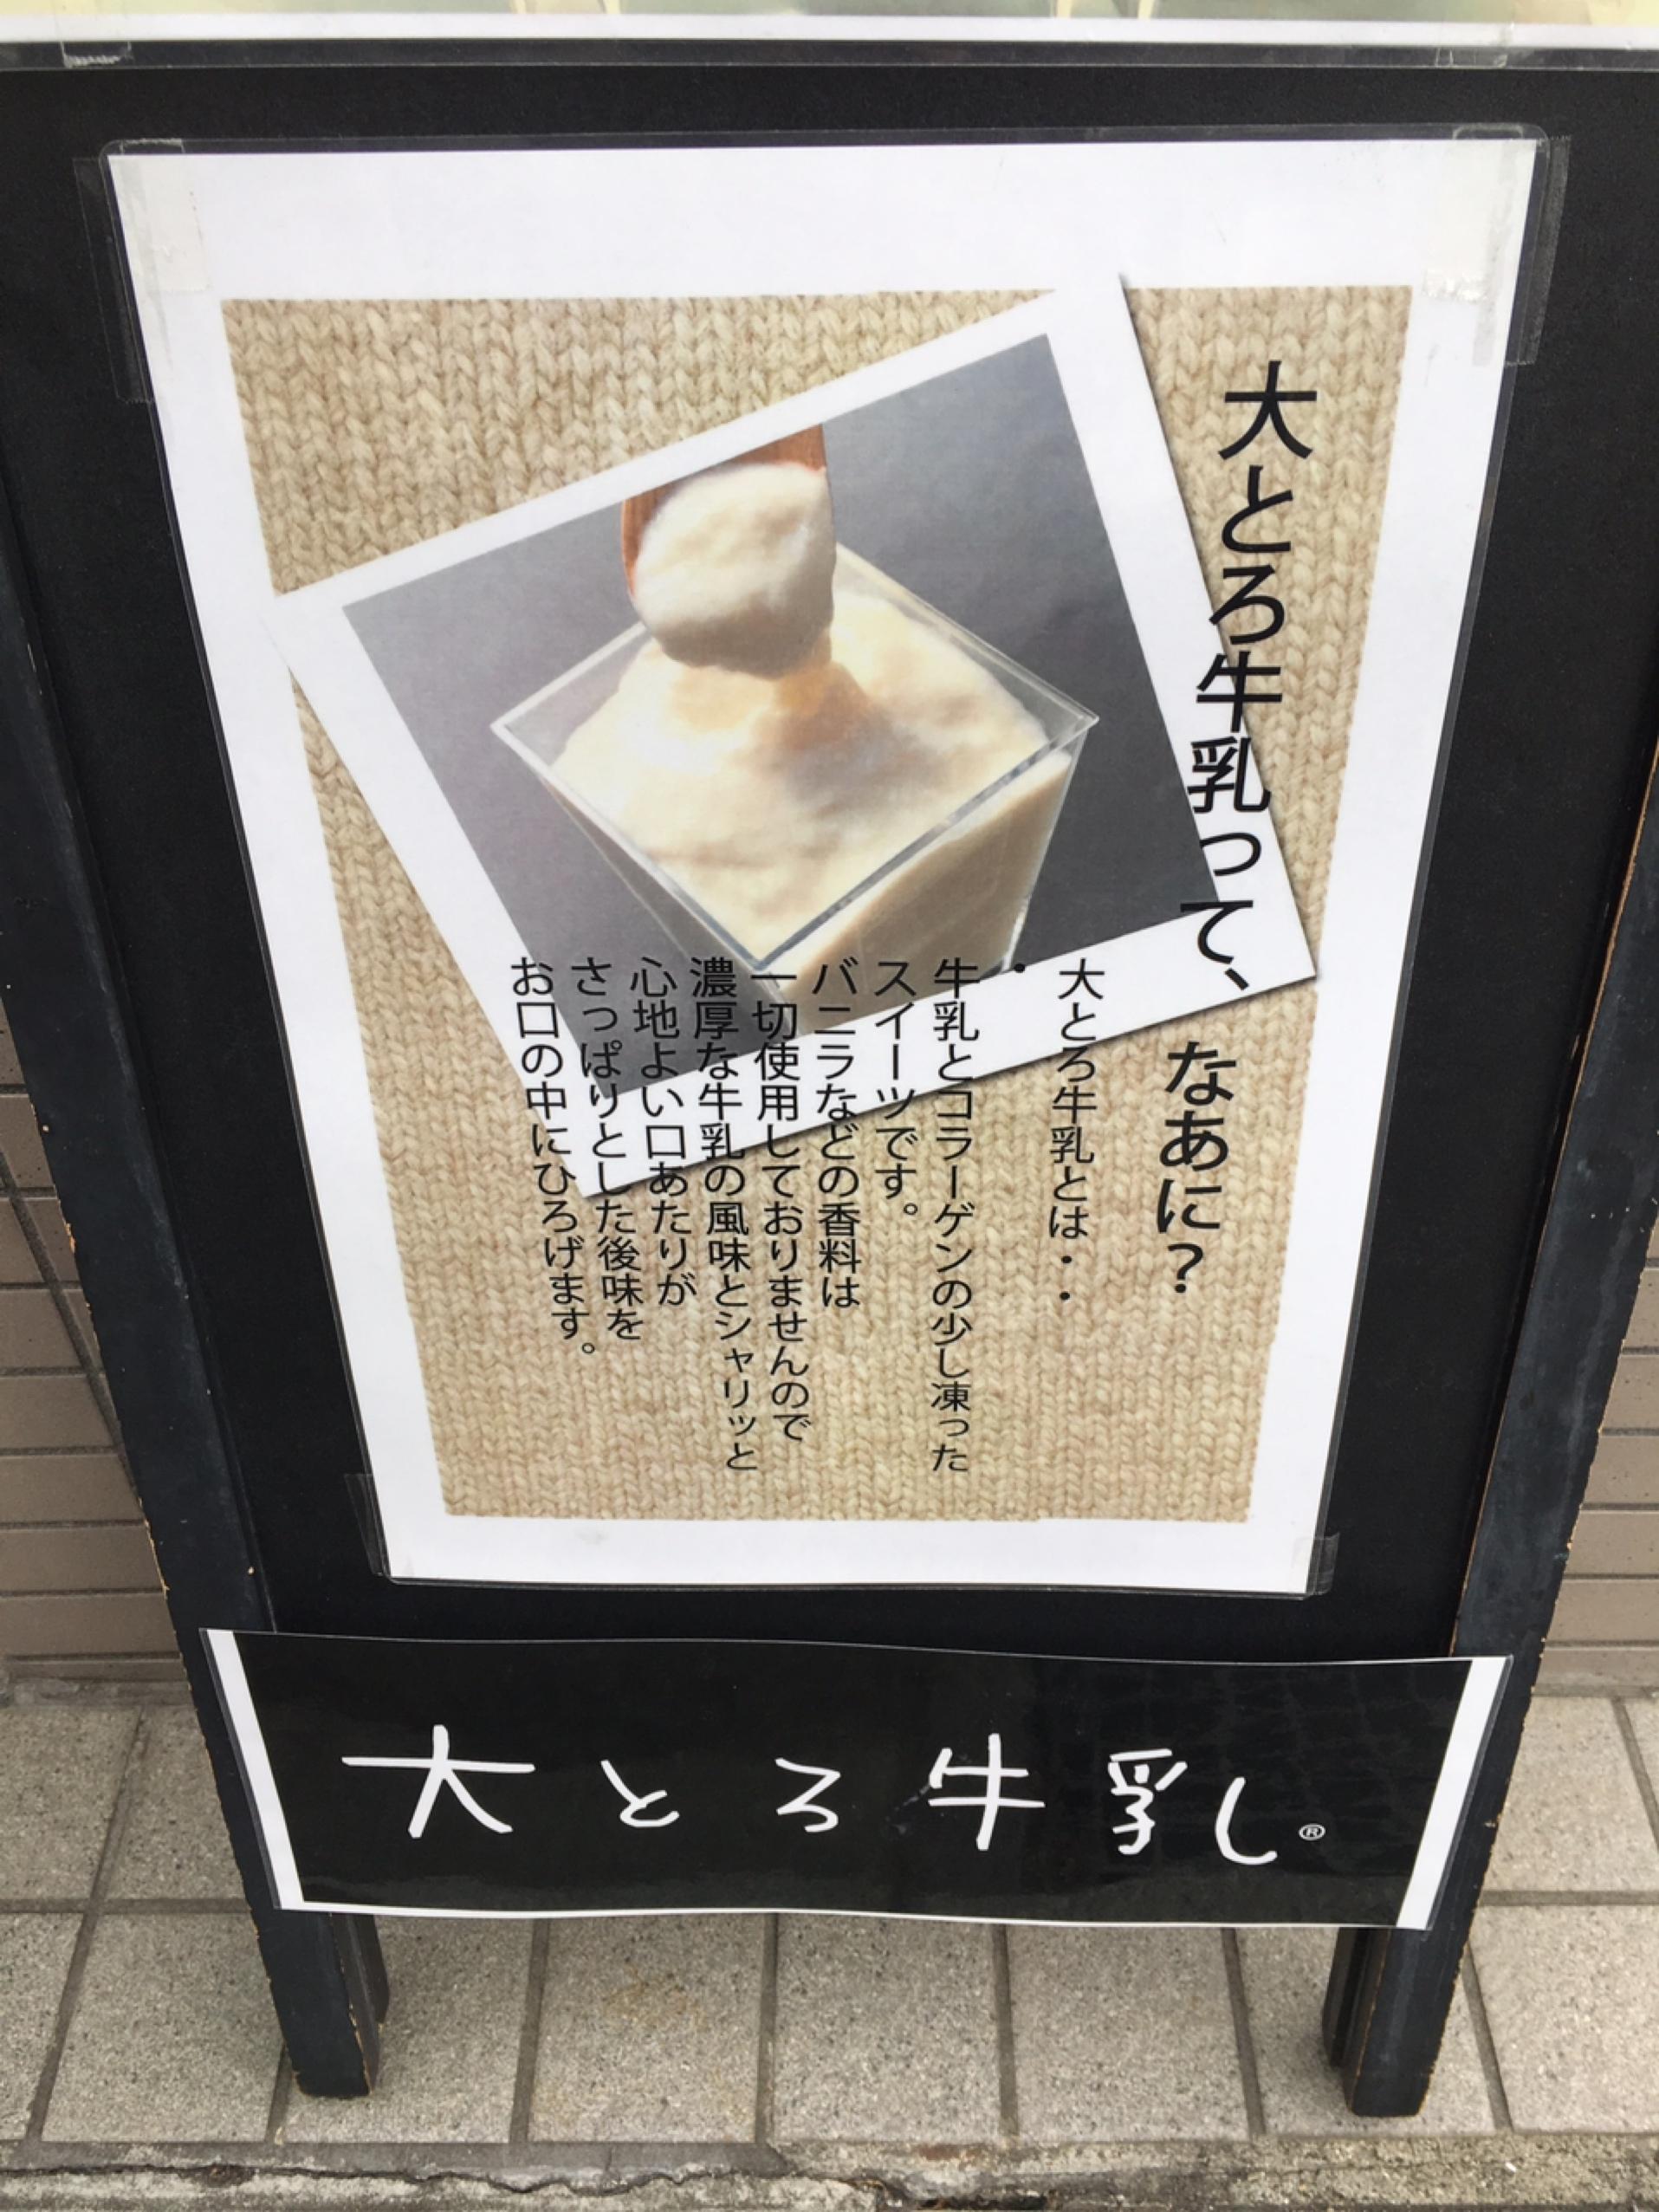 群馬で大人気!『大とろ牛乳』が東京でも食べられるって知ってた?_1